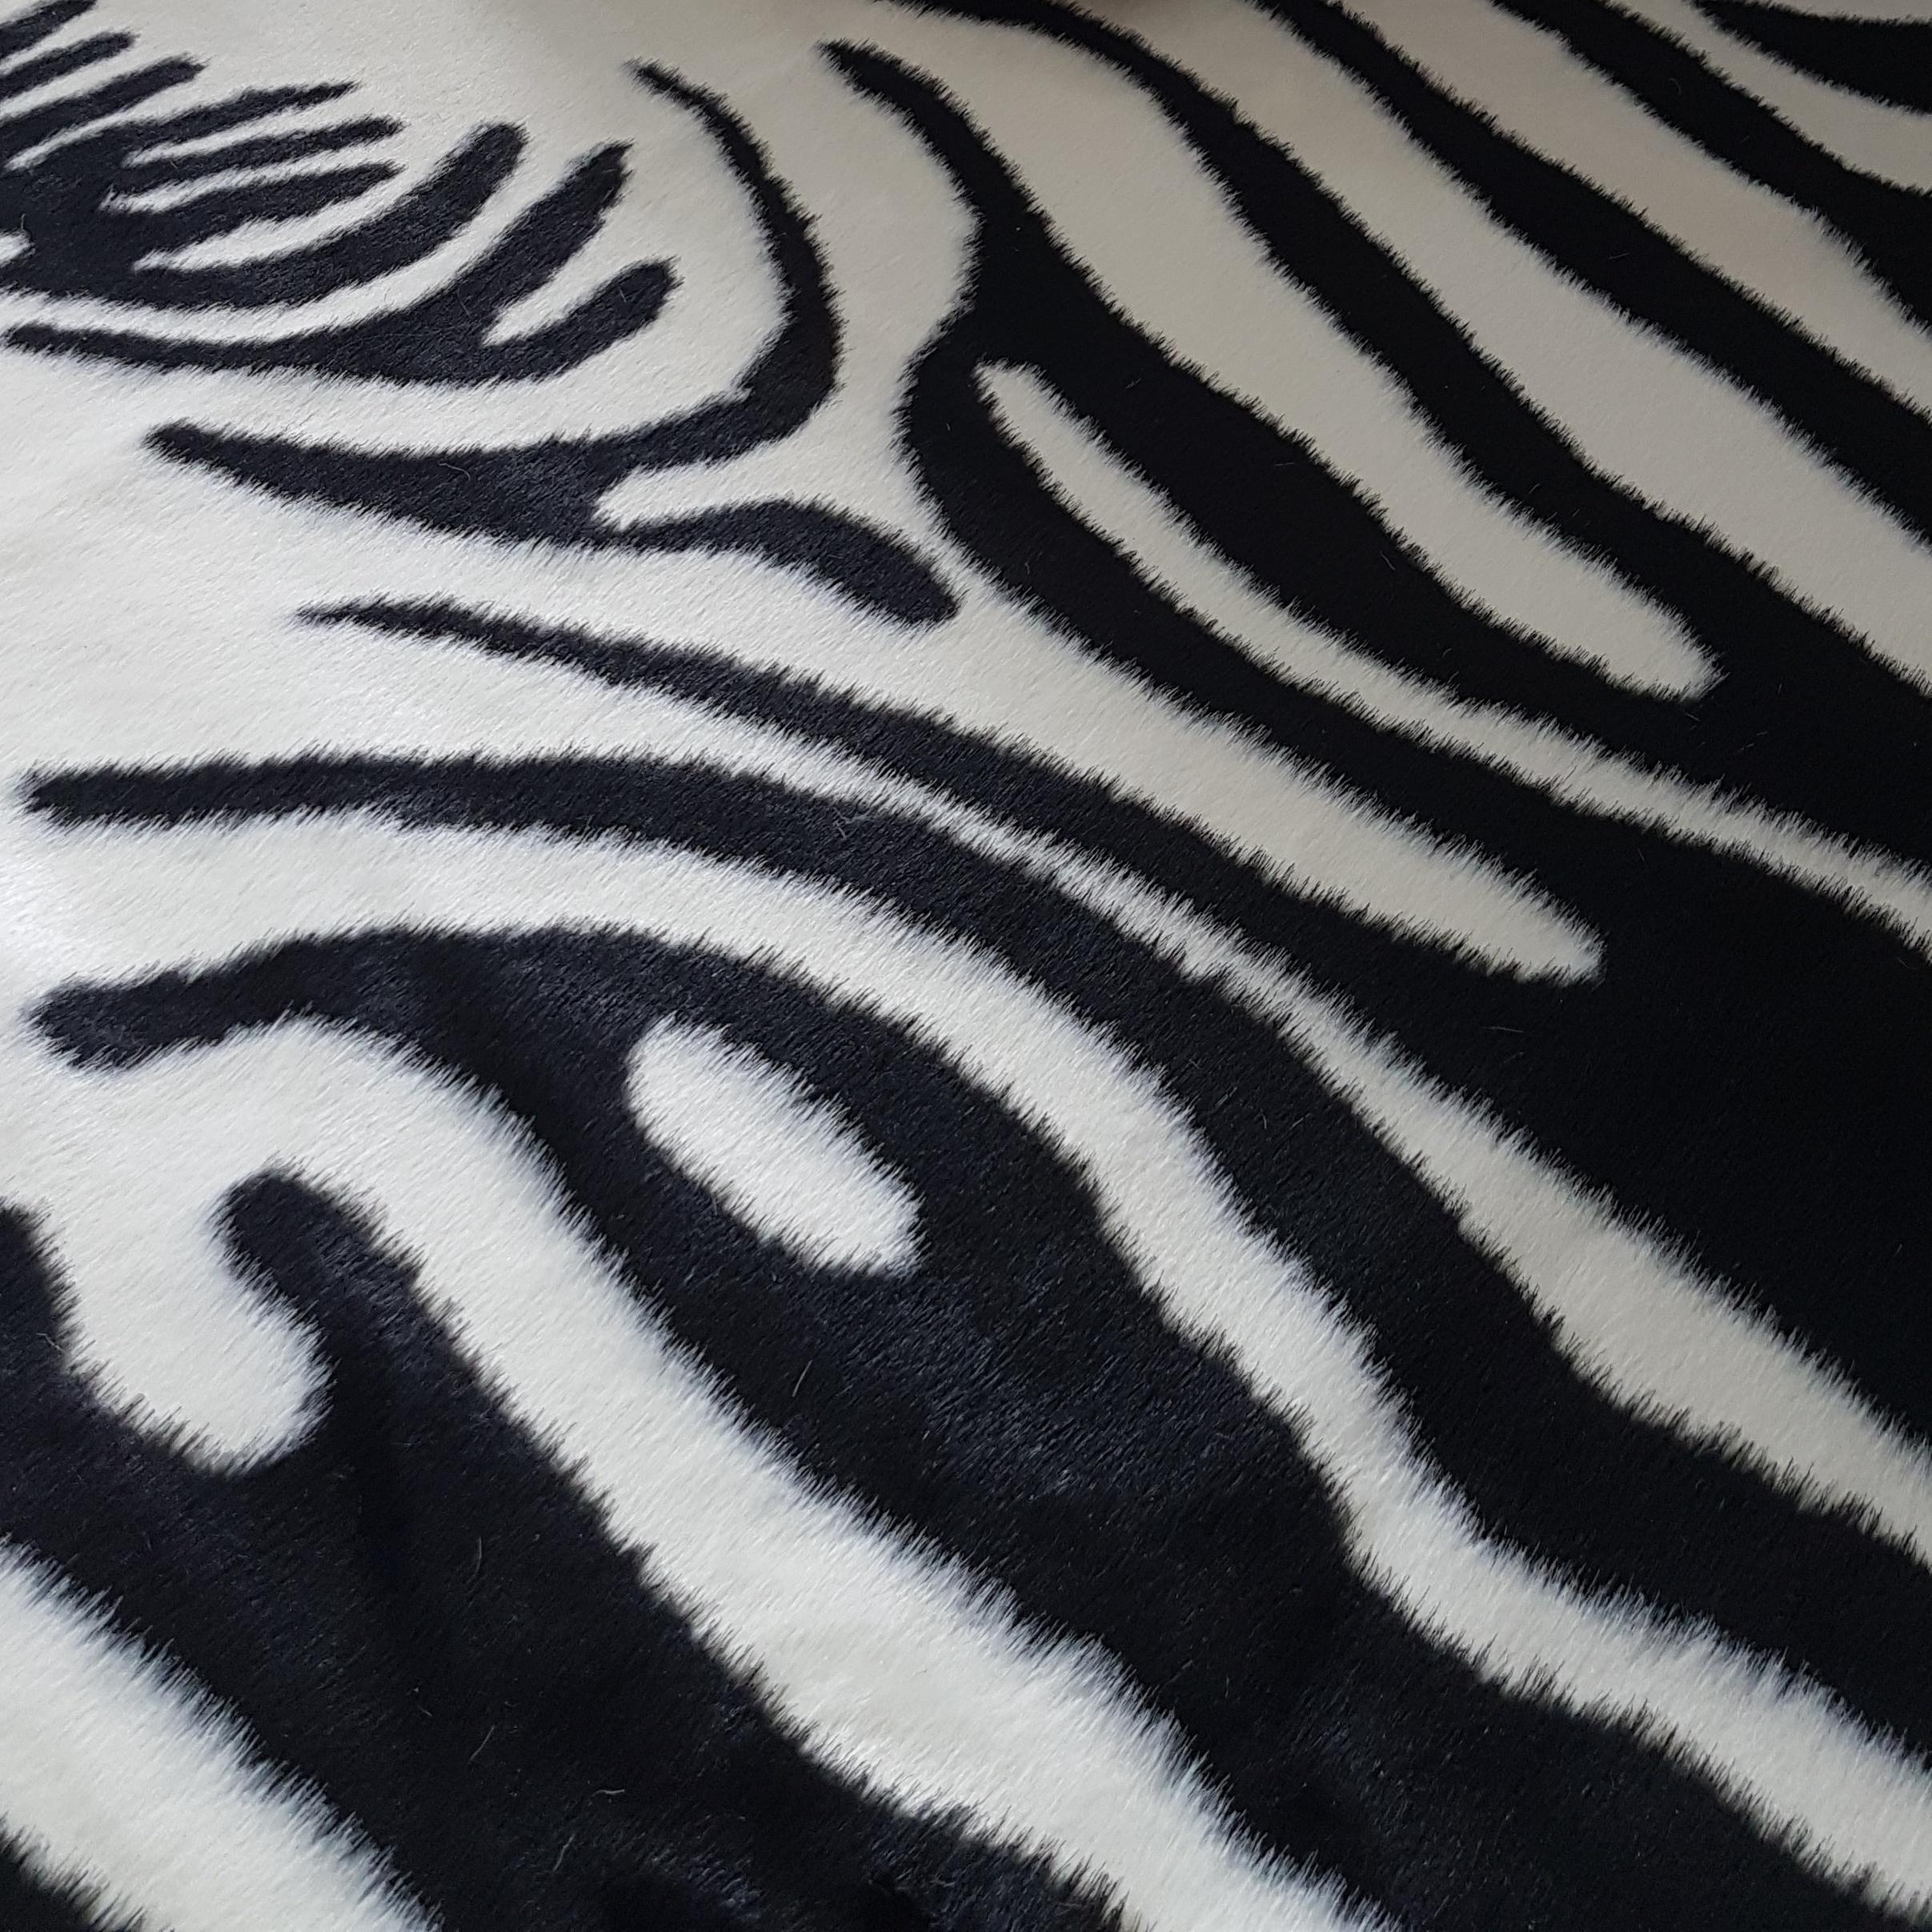 Zebra Matta La Siesta Family Hngmatta I Zebra Zebraskin Zebraskin Zebraskin Zebraskin